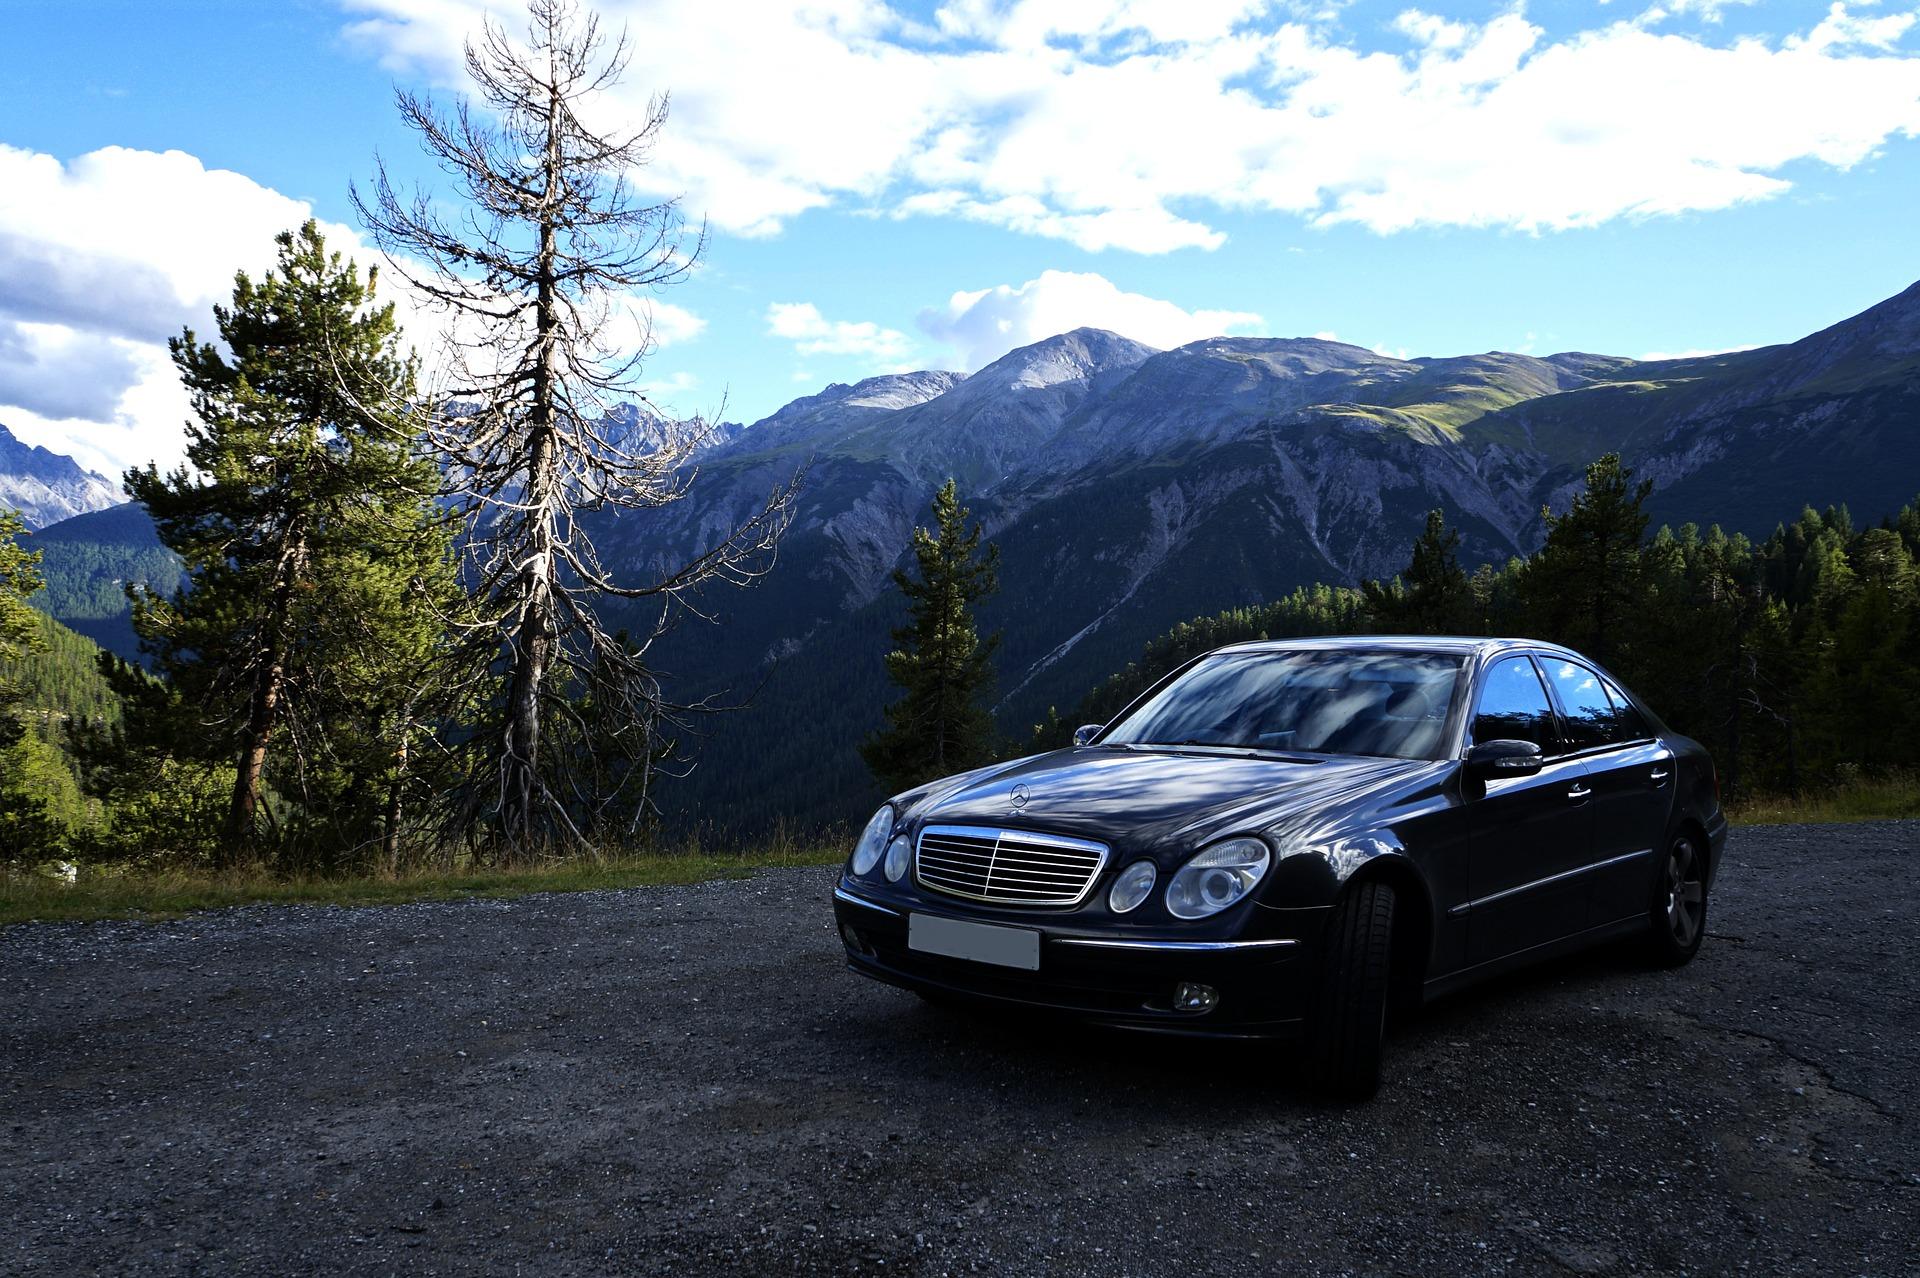 wypożyczalnia samochodów luksusowych oferująca auta marki mercedes